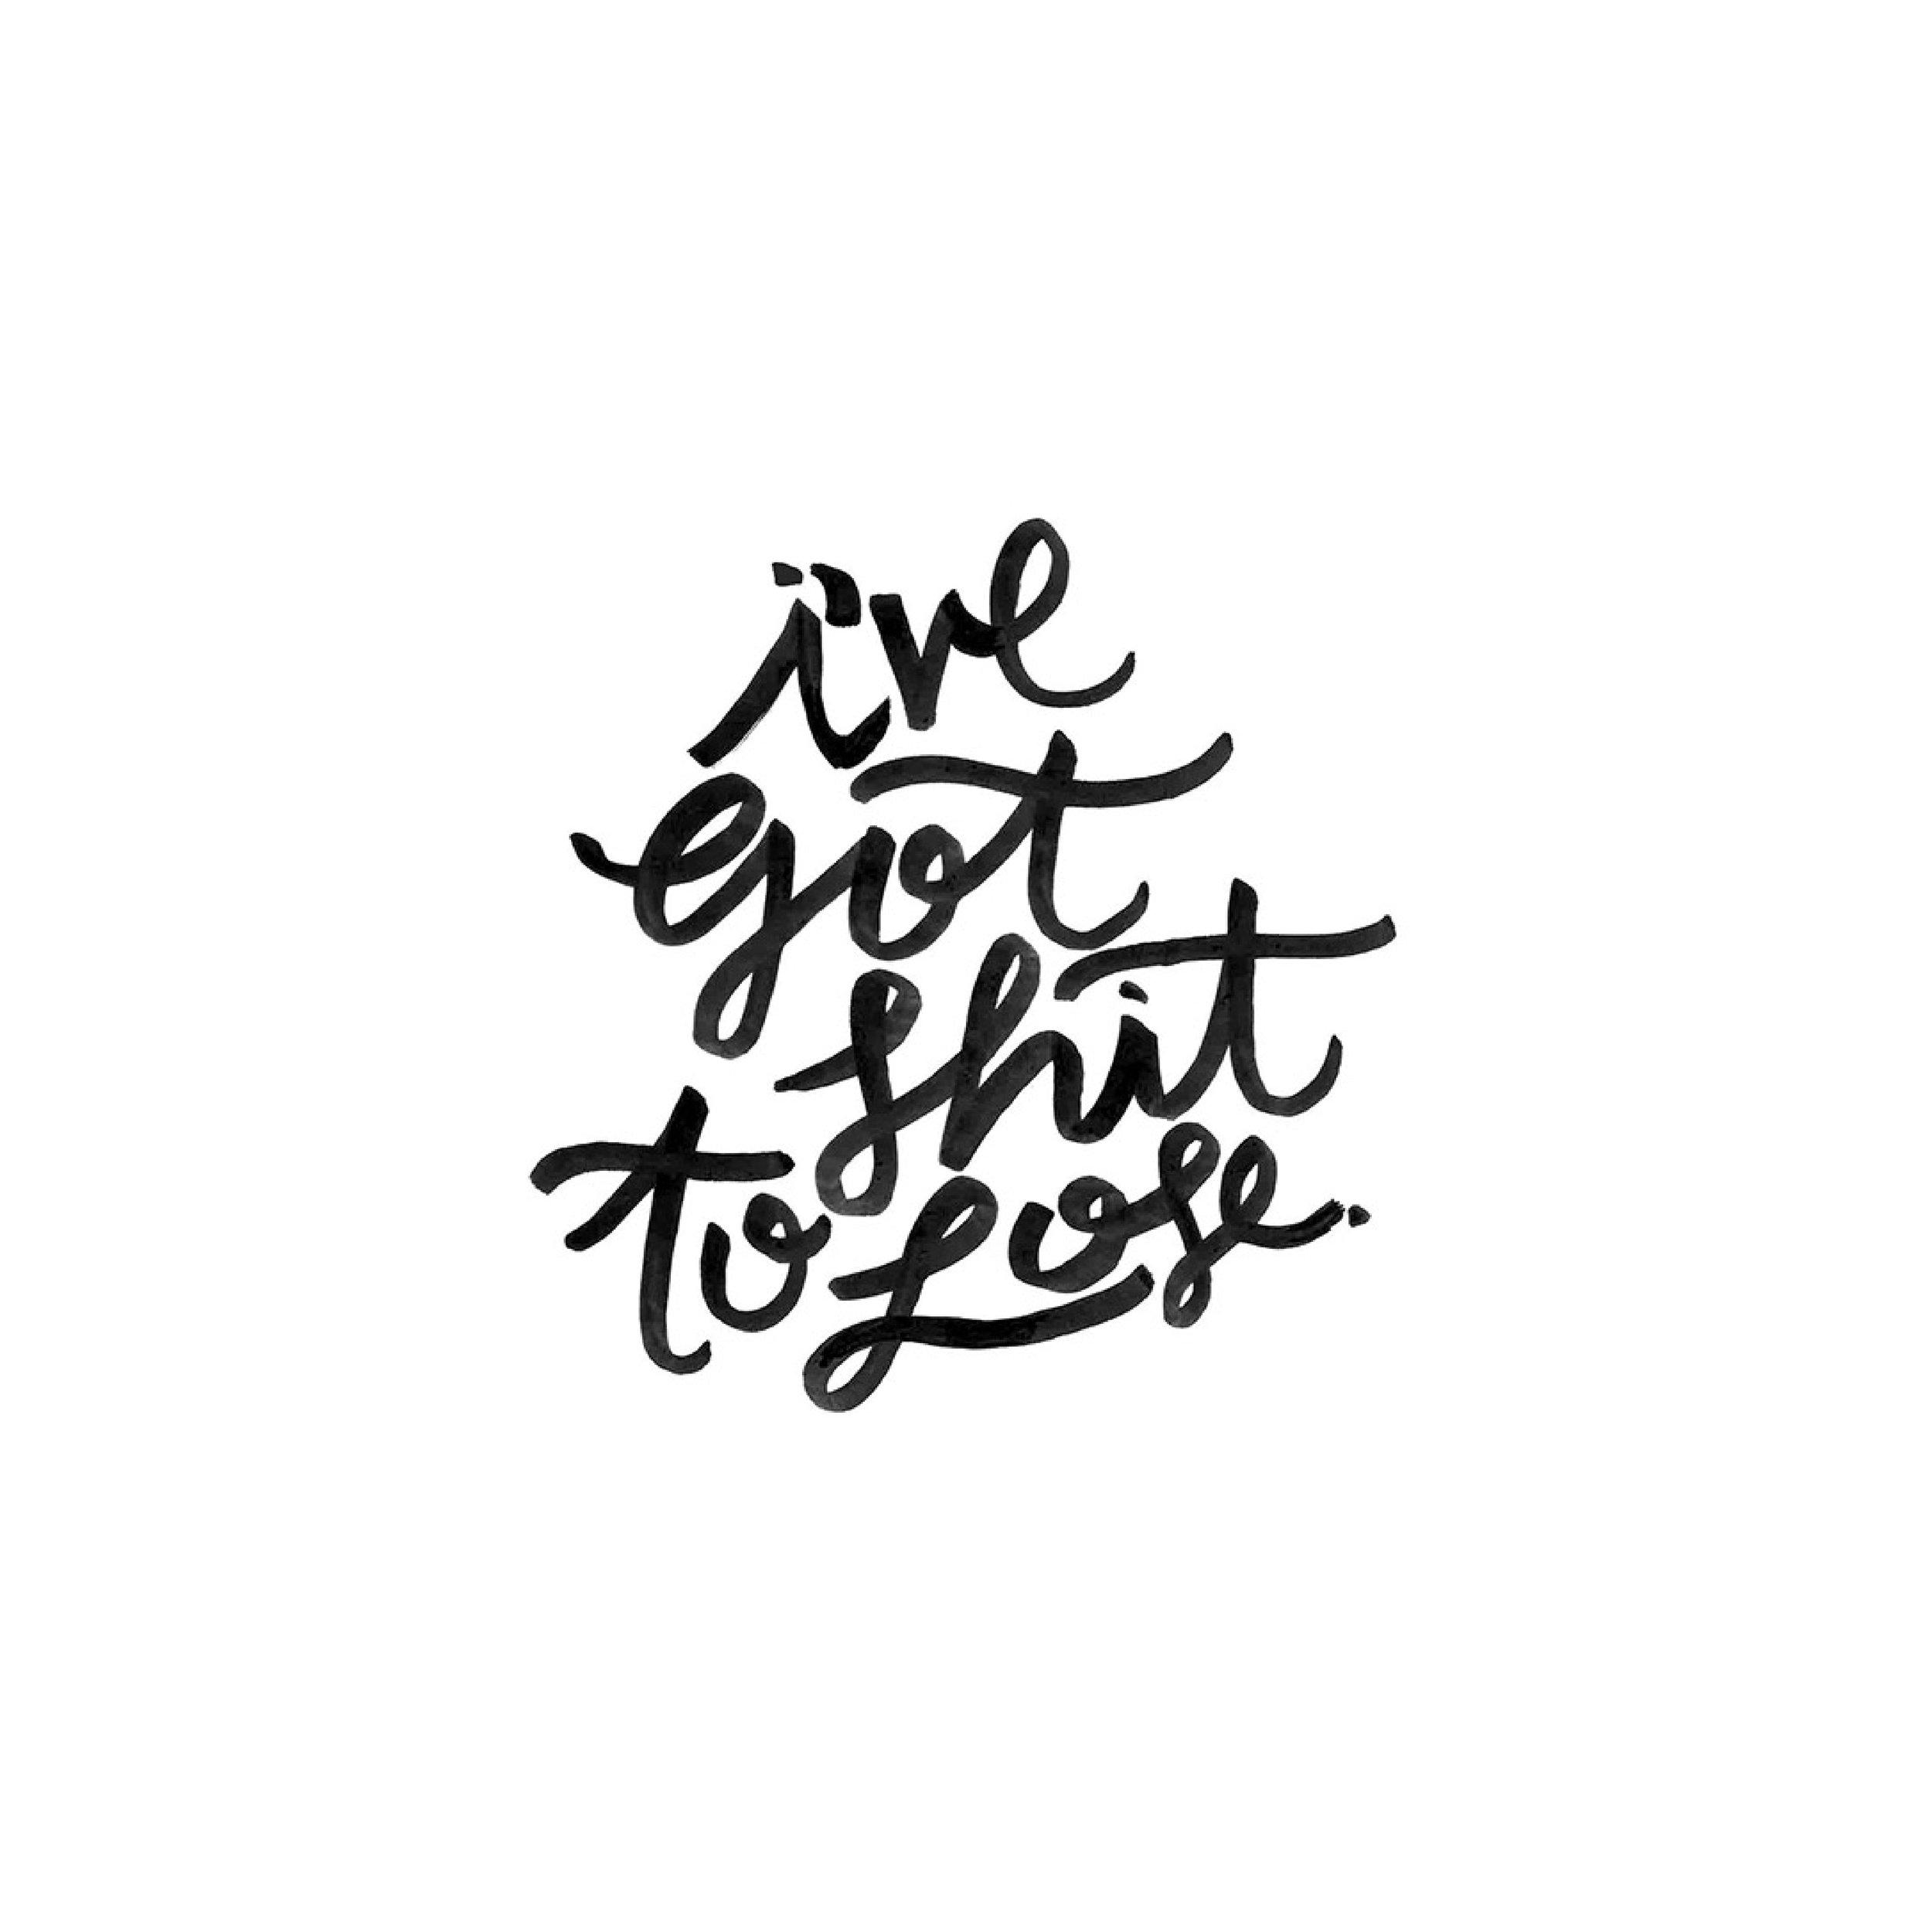 2018-Handtype-Spread.jpg